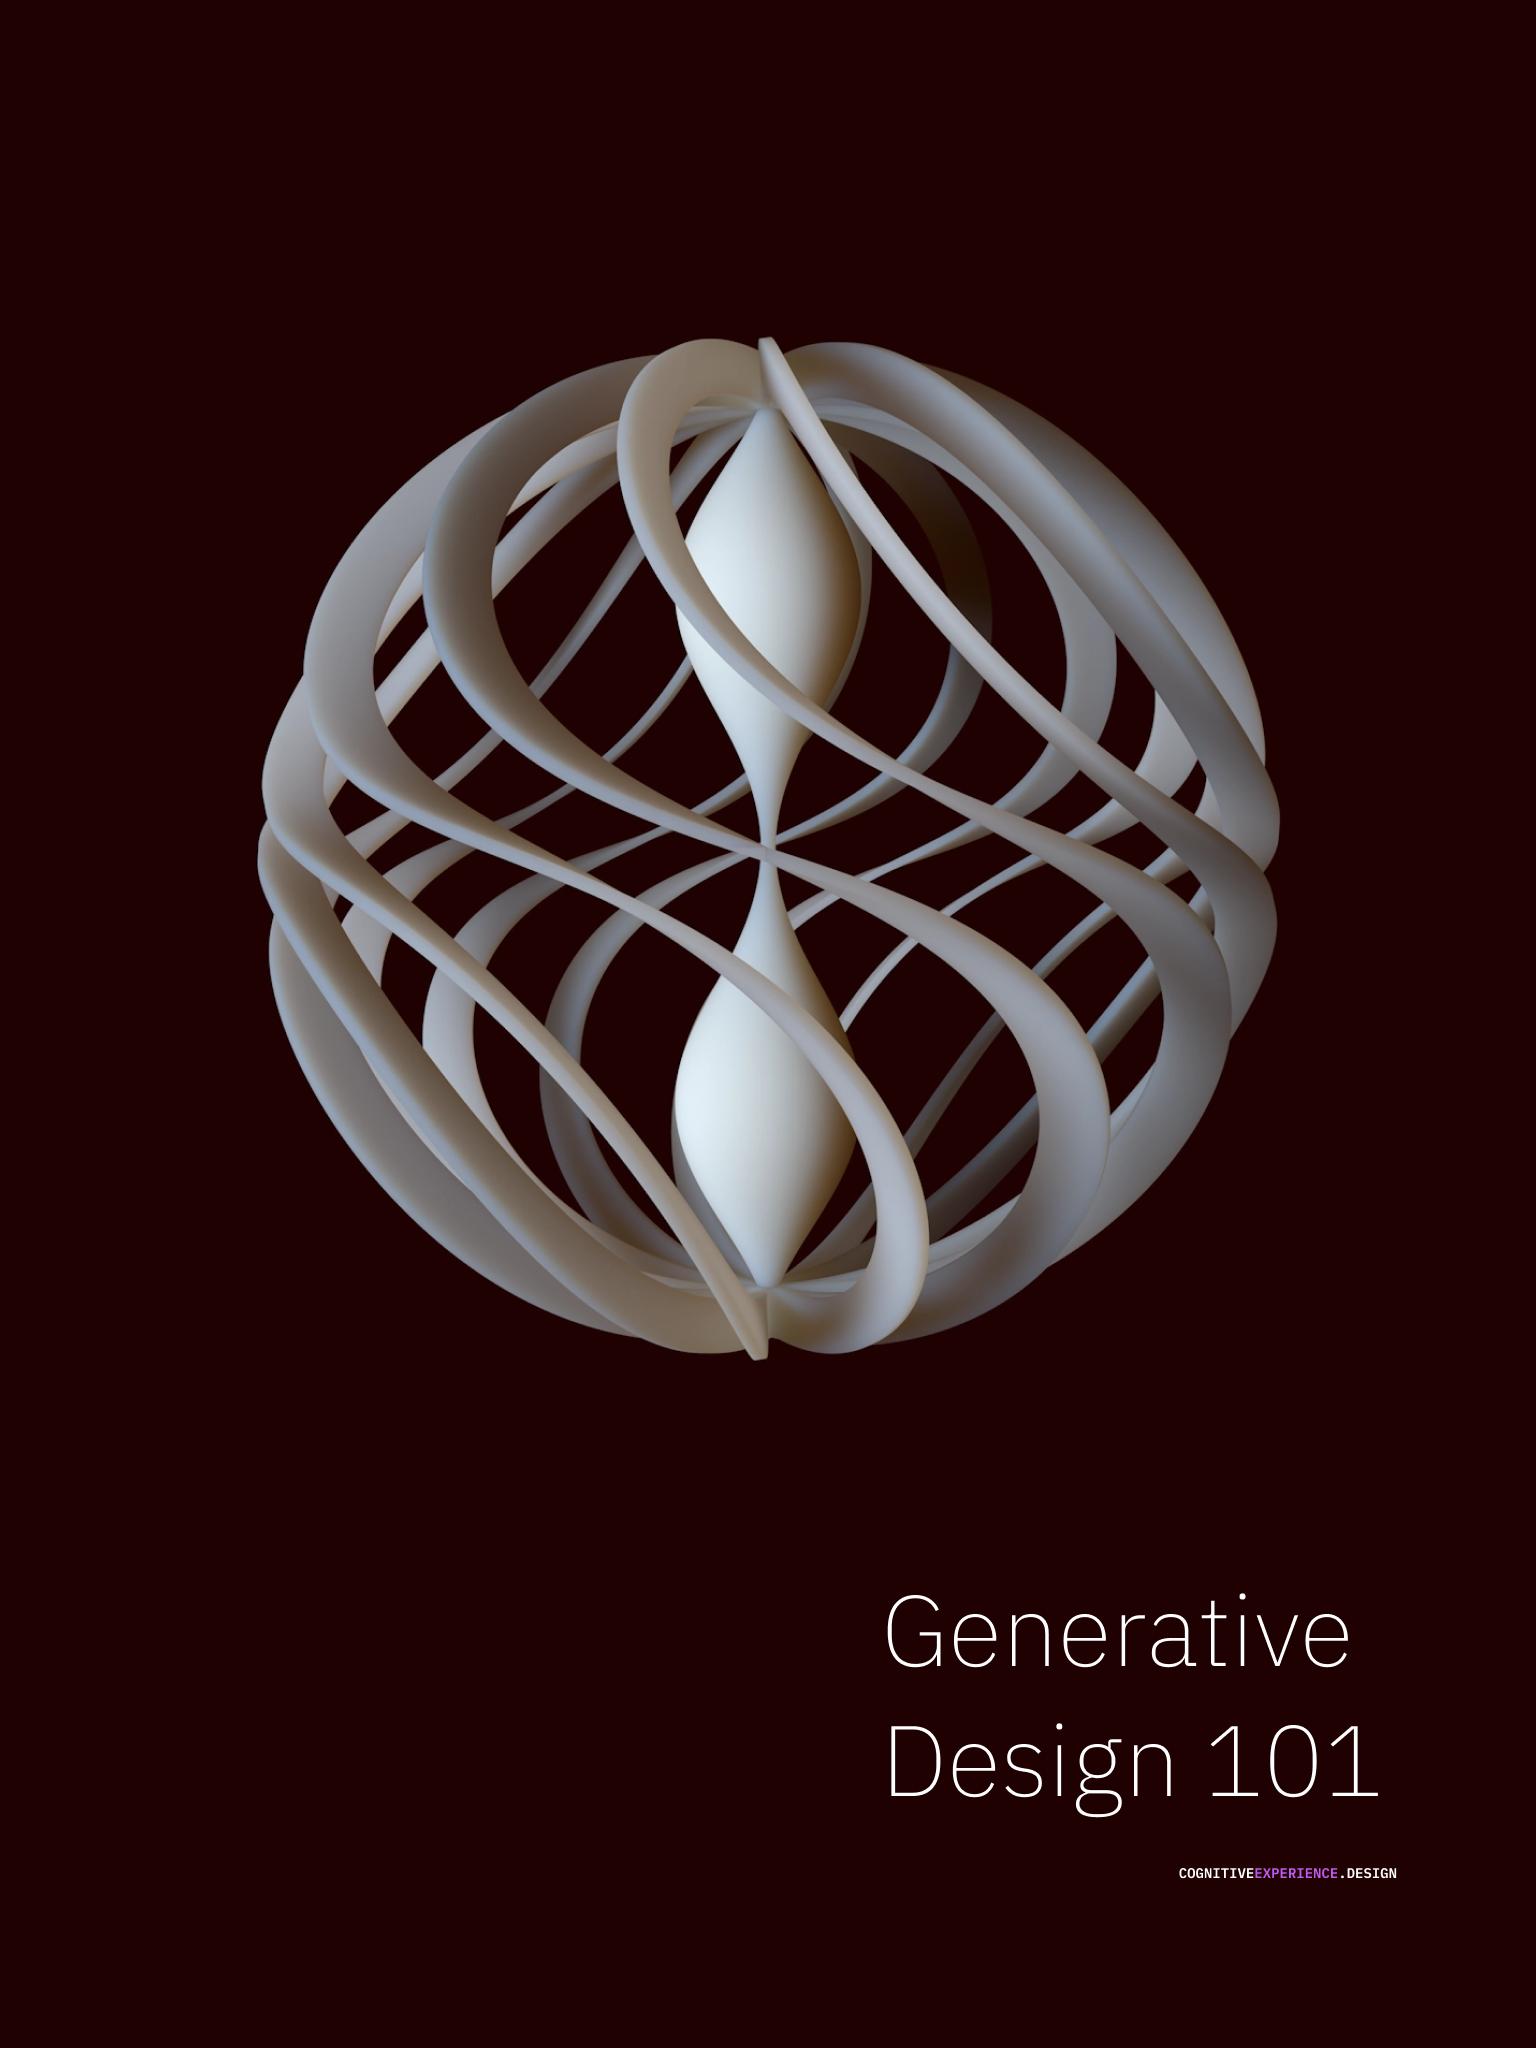 Generative Design 101